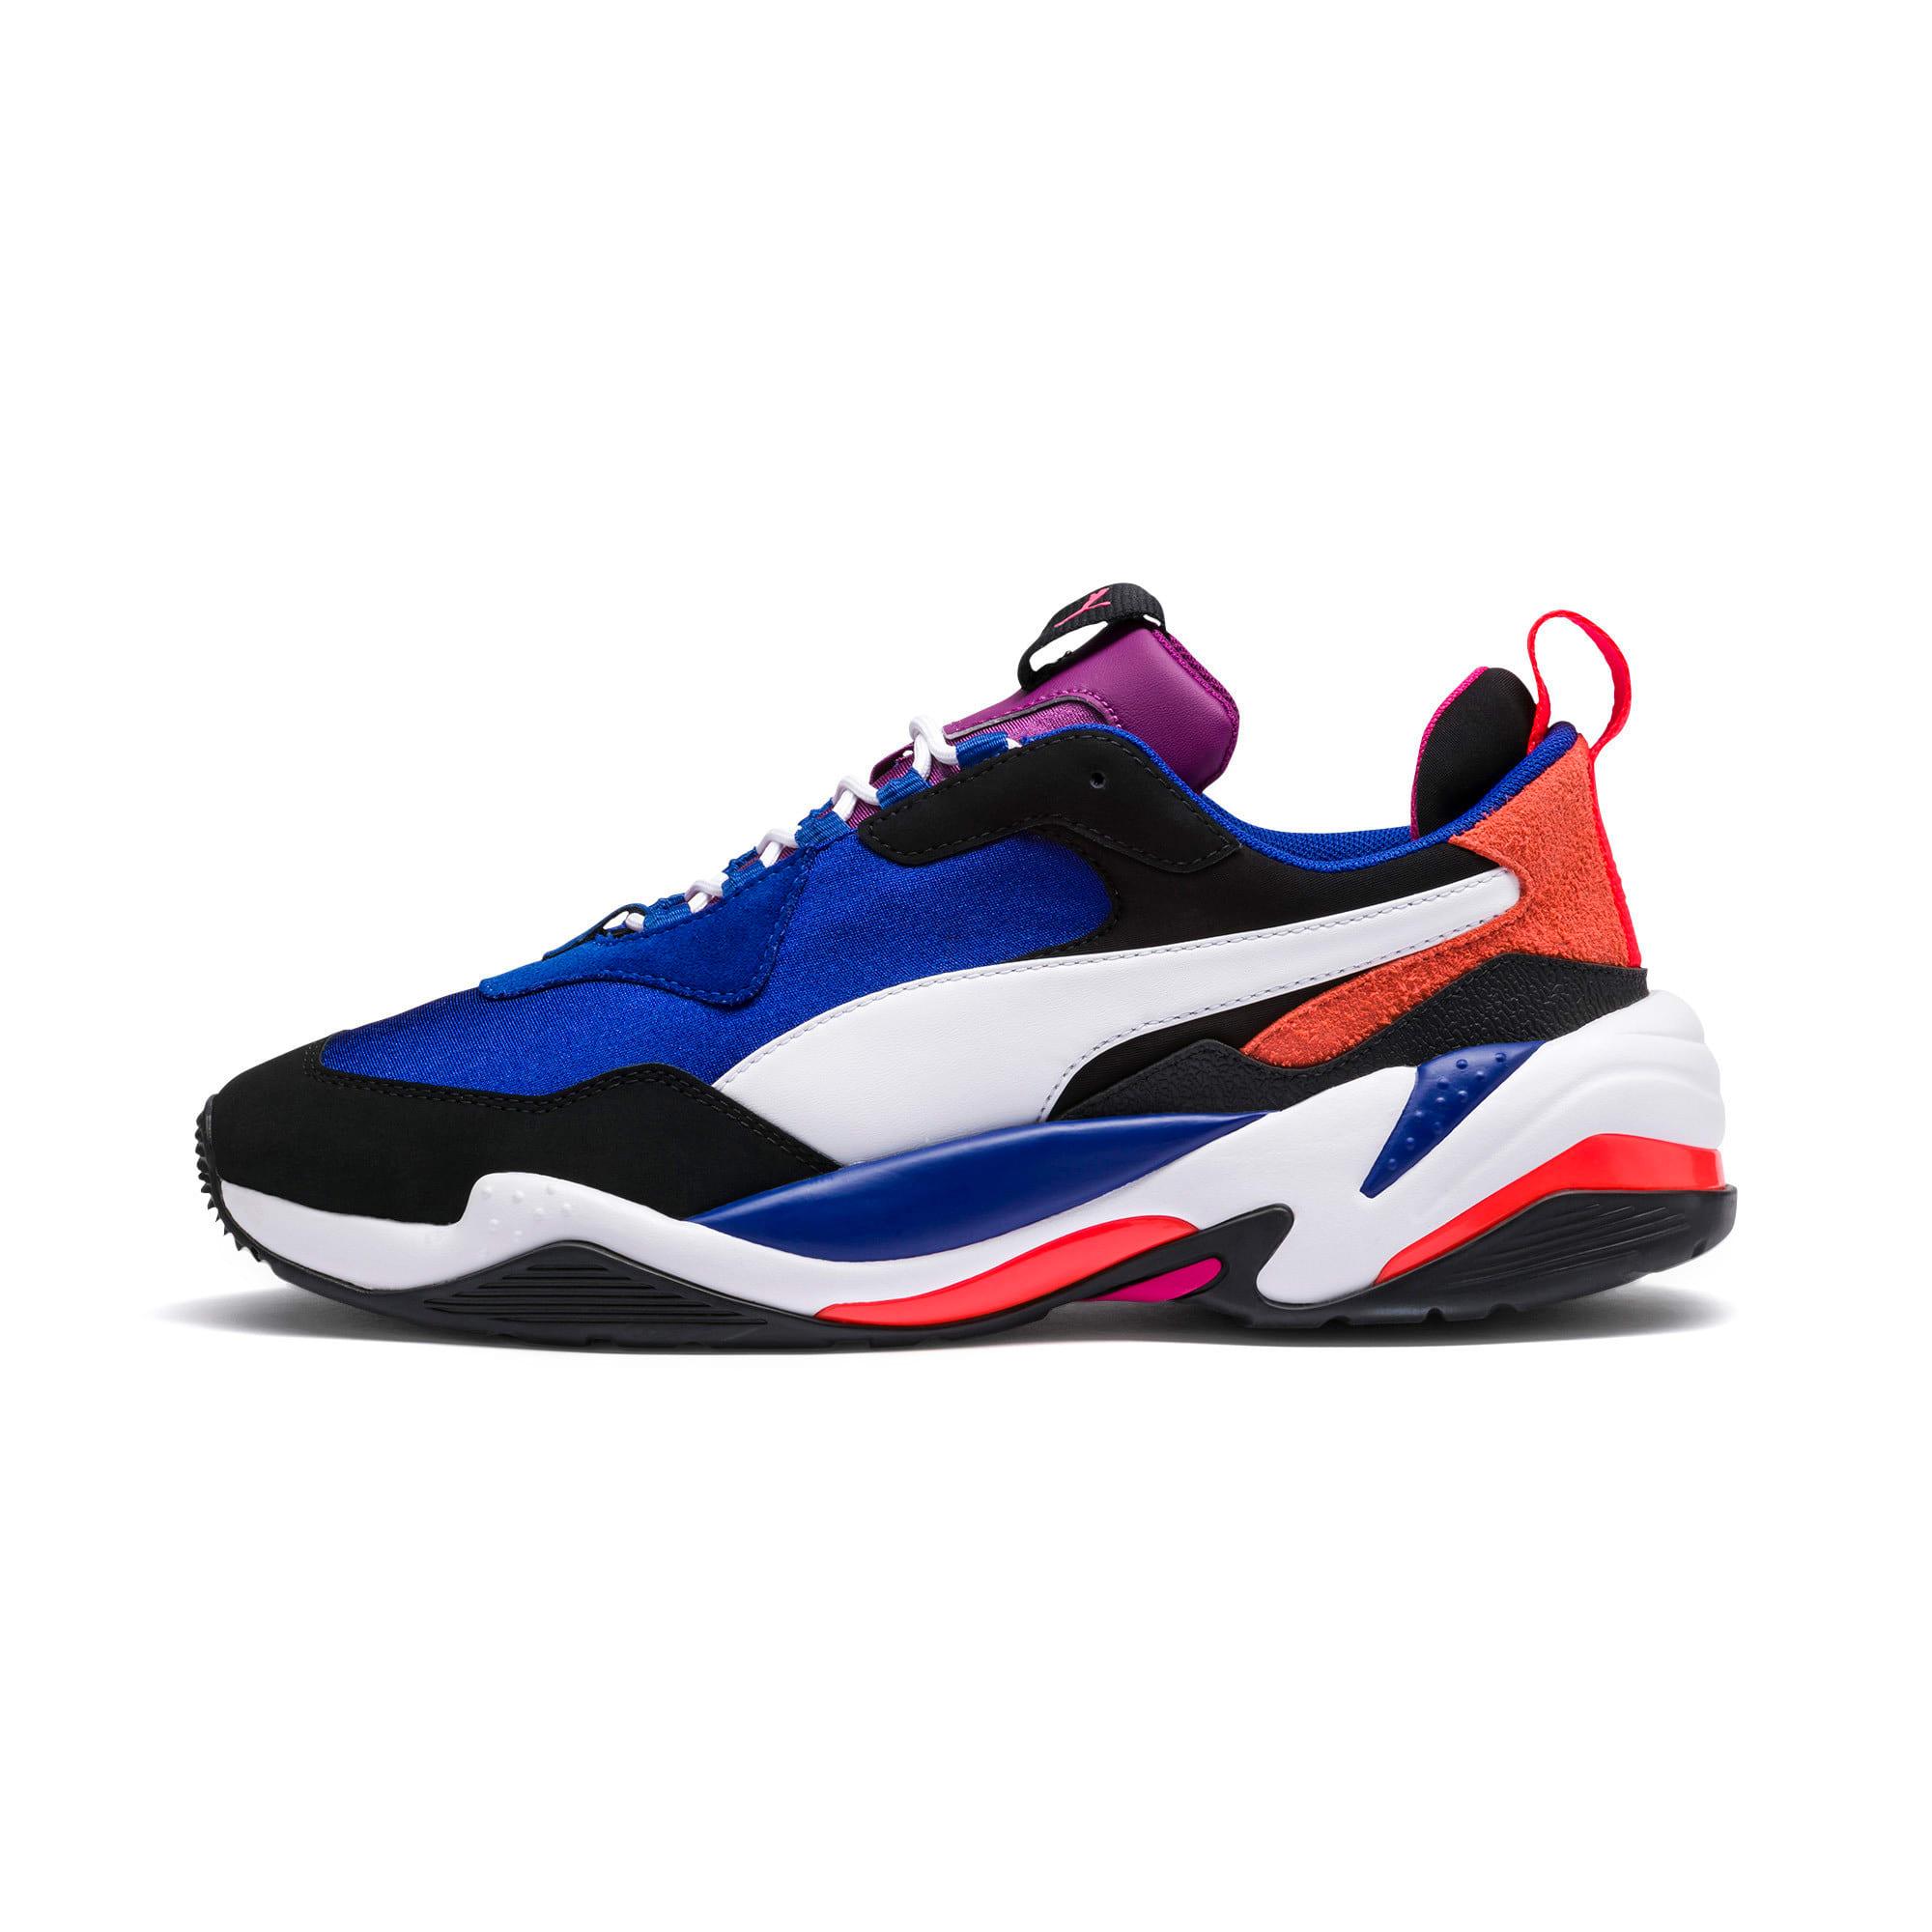 Miniatura 1 de Zapatos deportivos Thunder 4 Life, Surf The Web-Puma White, mediano